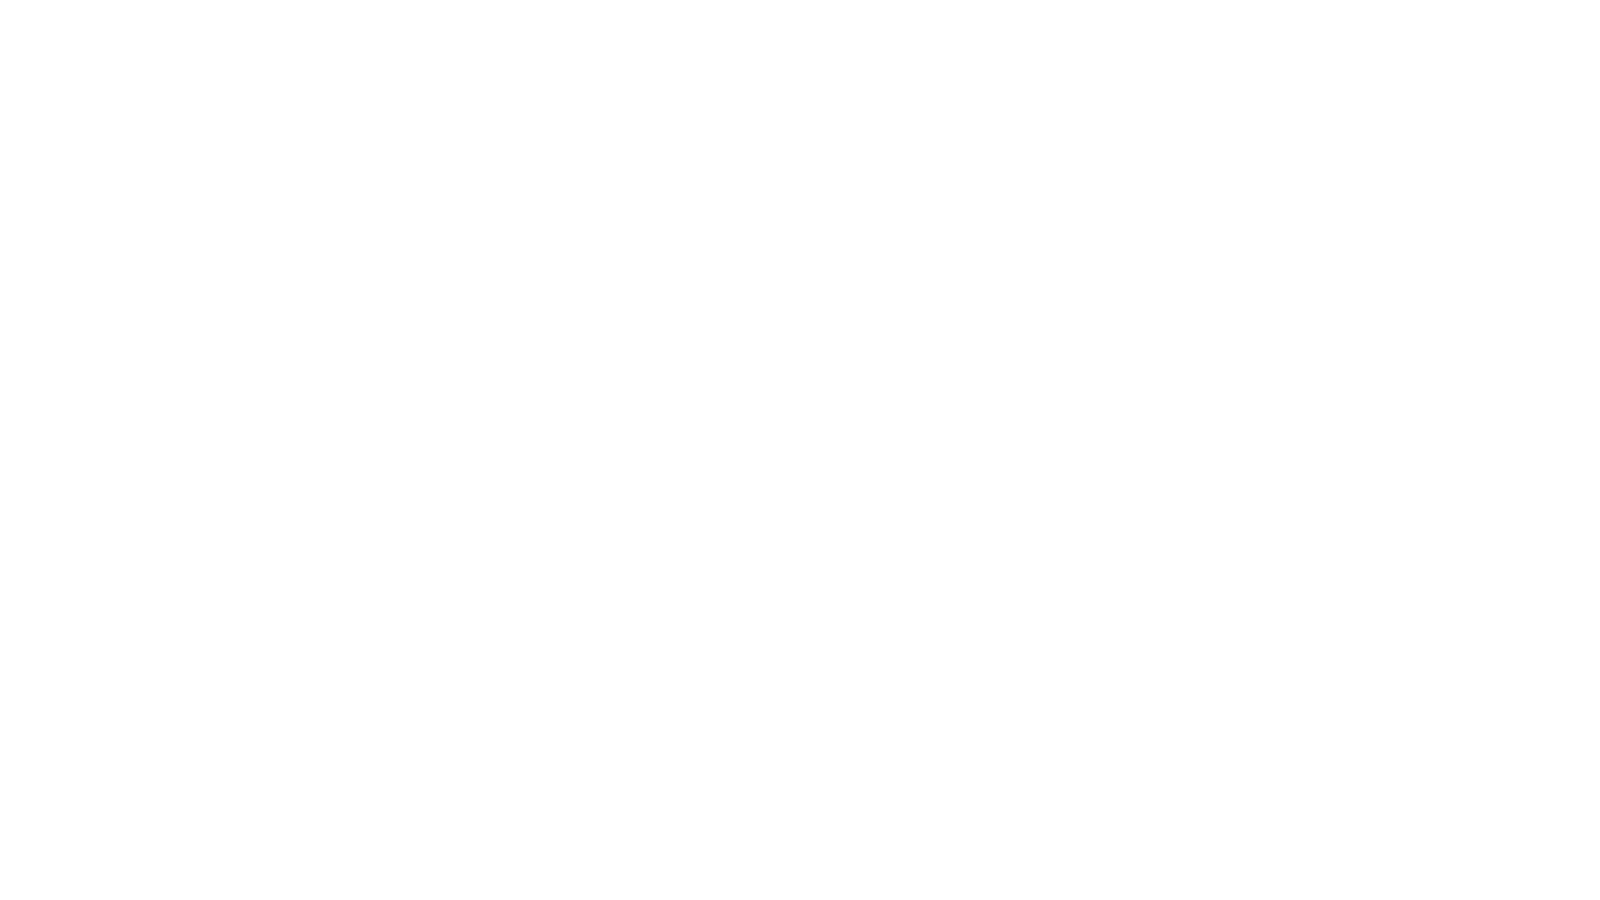 ★★★★★★★★★★★★★★★★★★★★★  混ぜるだけの簡単でヘルシーなエナジーボールをつくりました♪ 甘味料を一切いれないで素材の味そのものをたのしみます。   《MEDIA》  CLIP'CLIP:https://clip-clip.jp/  Instagram:https://www.instagram.com/clipclip_hiroko/  Twitter:https://twitter.com/clip_hiroko    #グルテンフリー #低糖質 #シュガーフリー ★★★★★★★★★★★★★★★★★★★★★